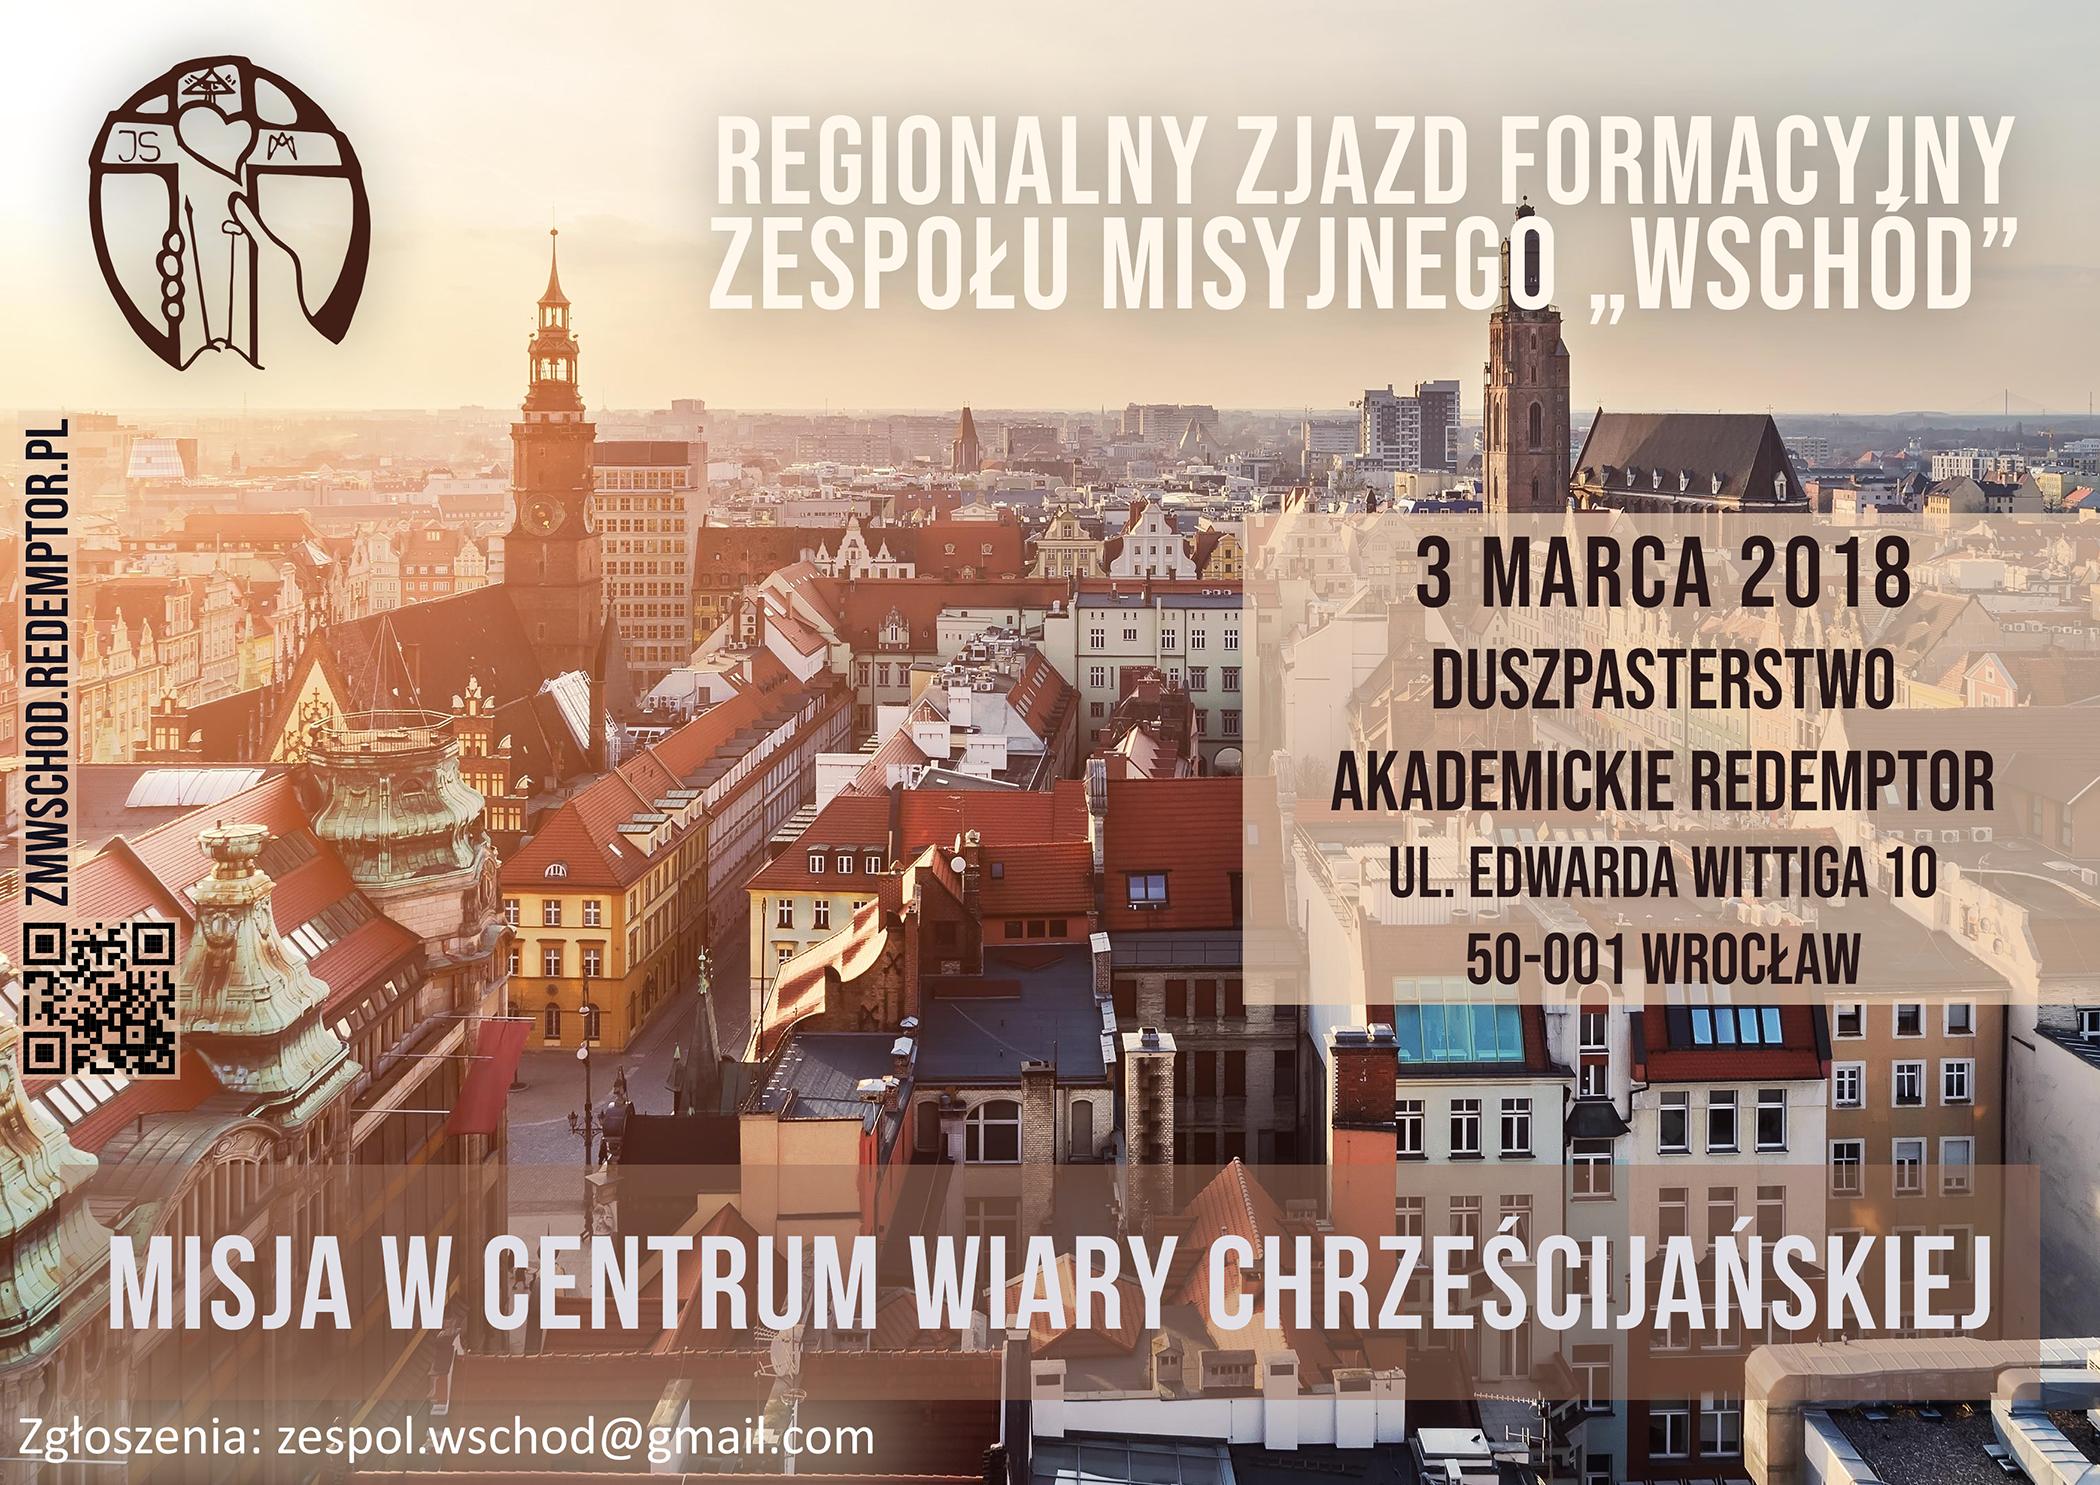 Plakat na zjazd formacyjny ZM Wschód - marzec 2018